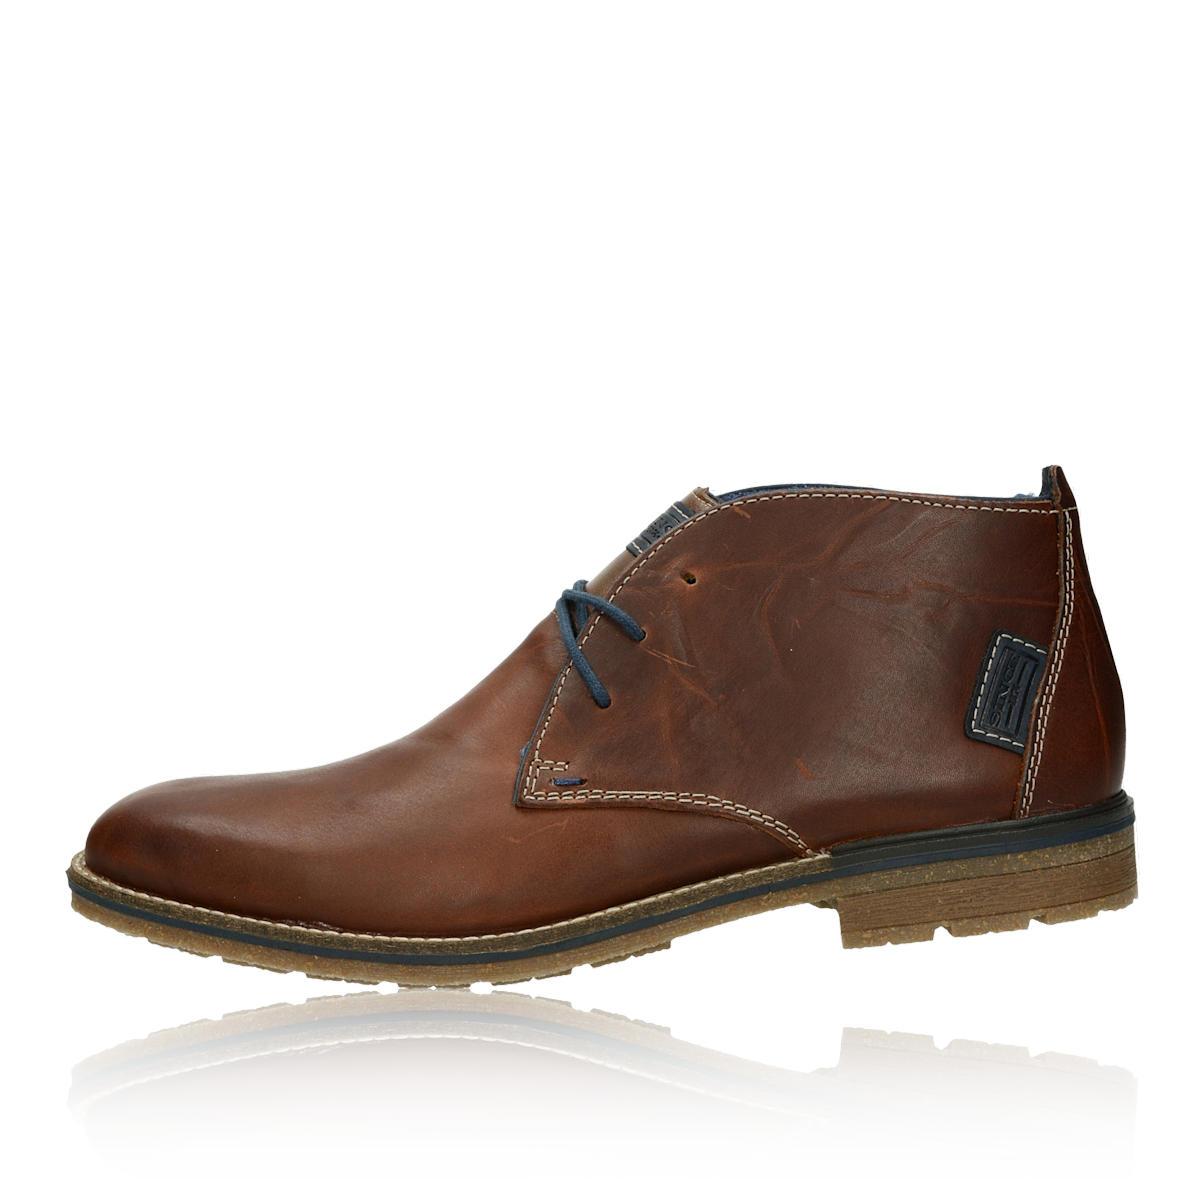 9de7944f3b01c Rieker pánska kožená členková obuv - hnedá | F131025-MARRONE www ...